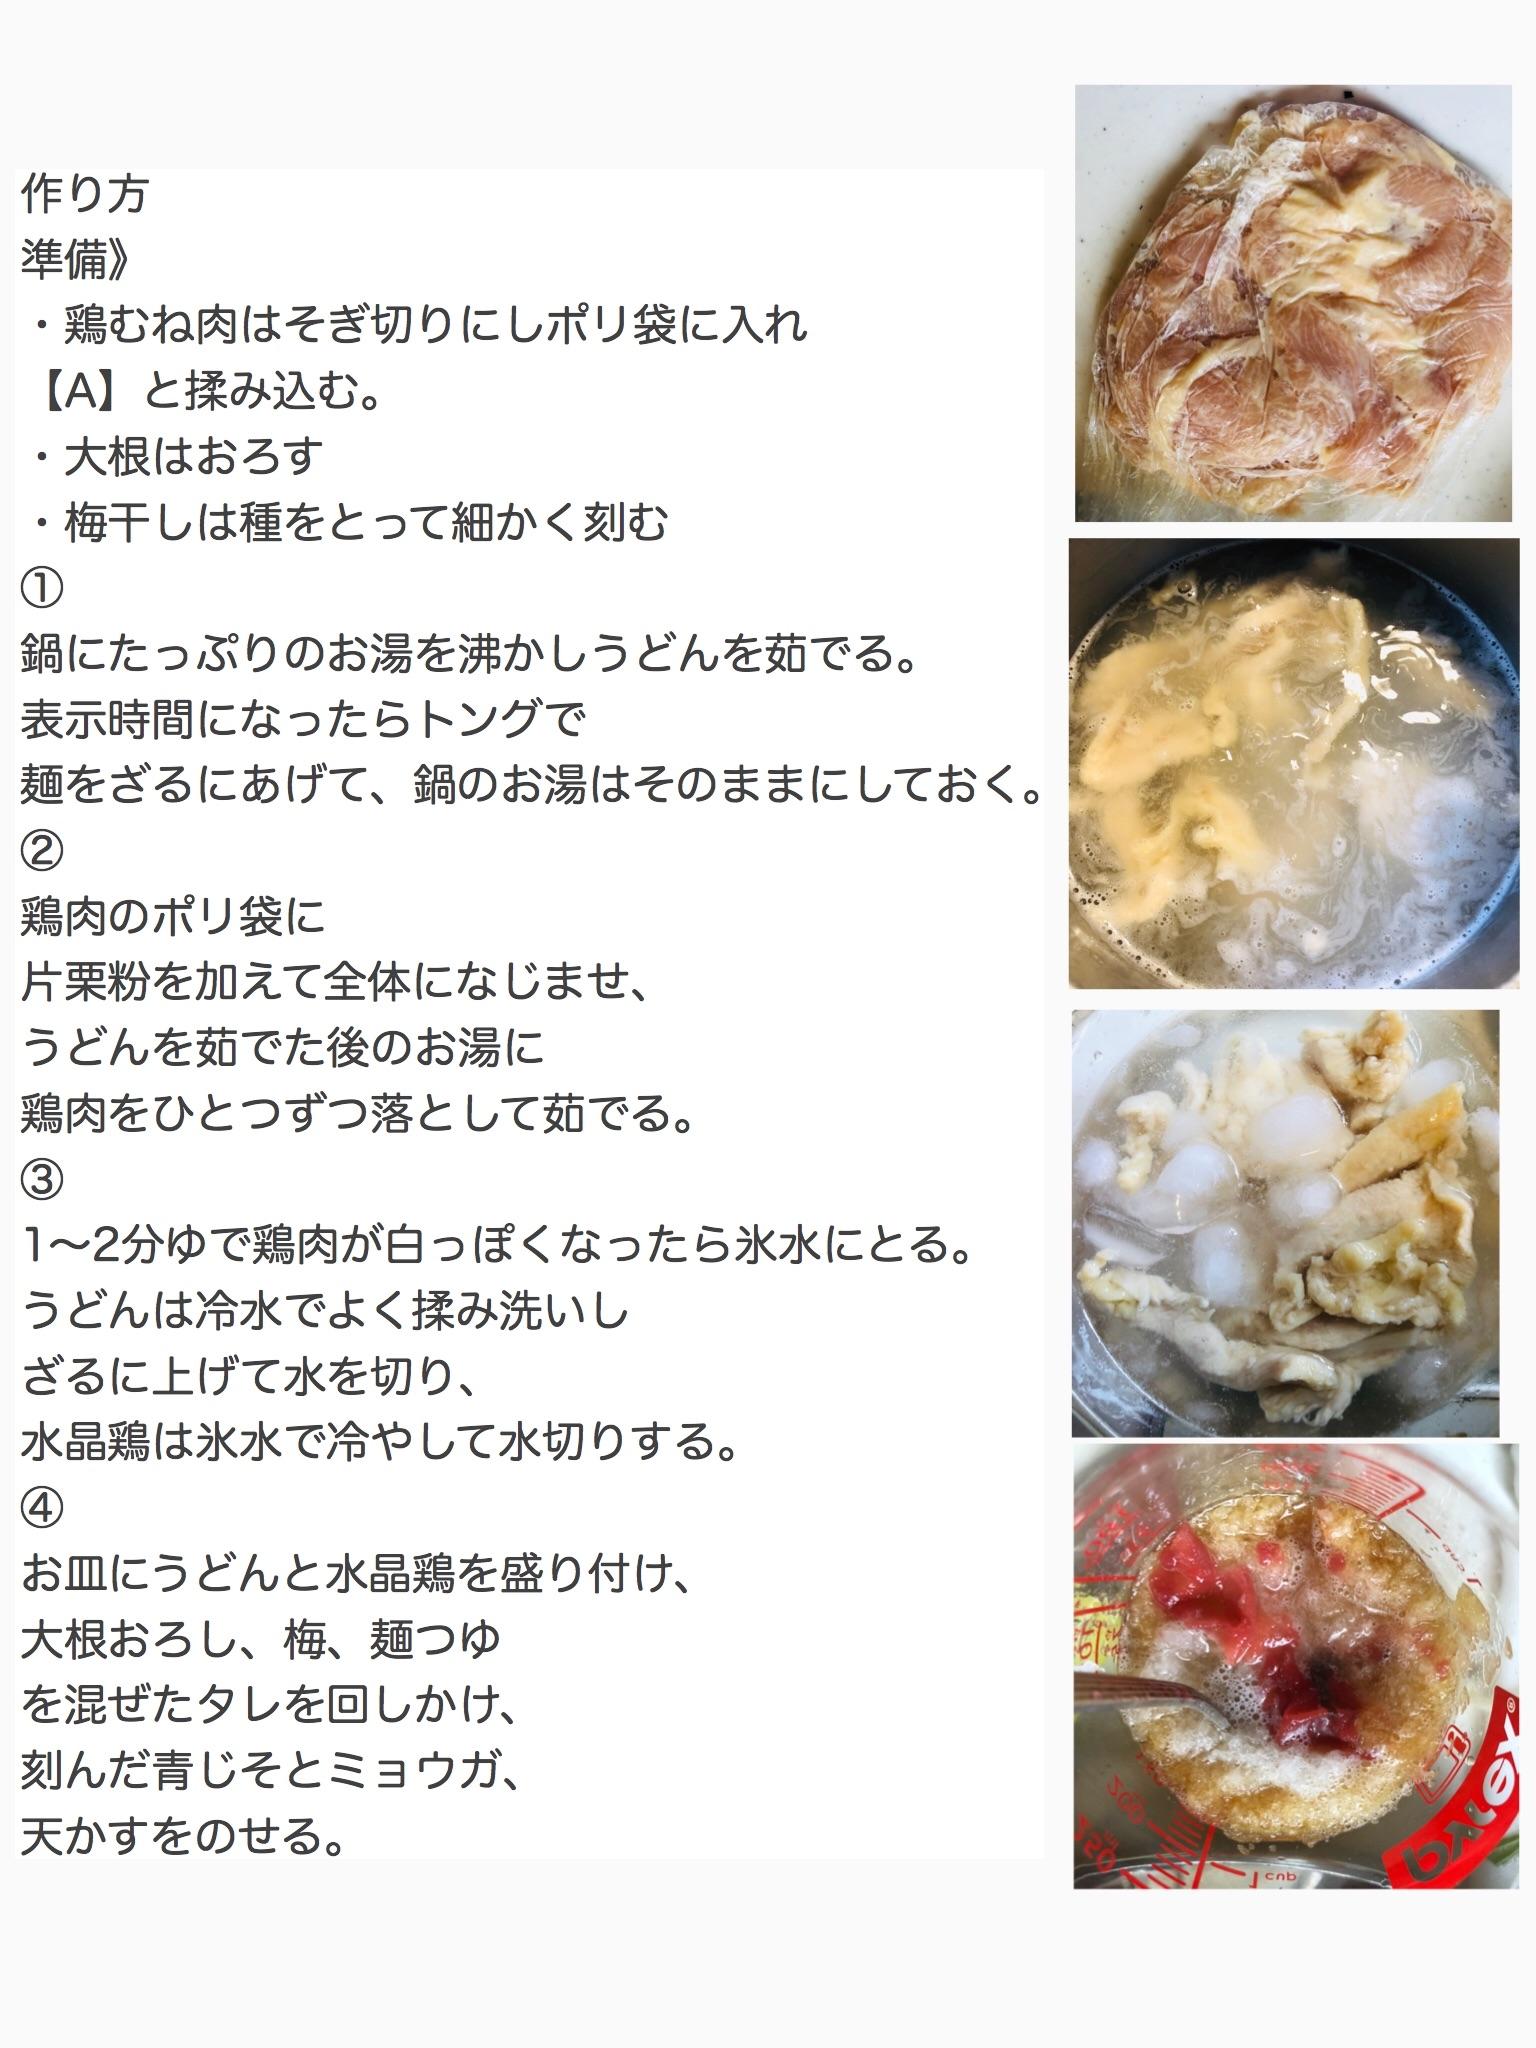 f:id:fujikana:20200727213904j:image